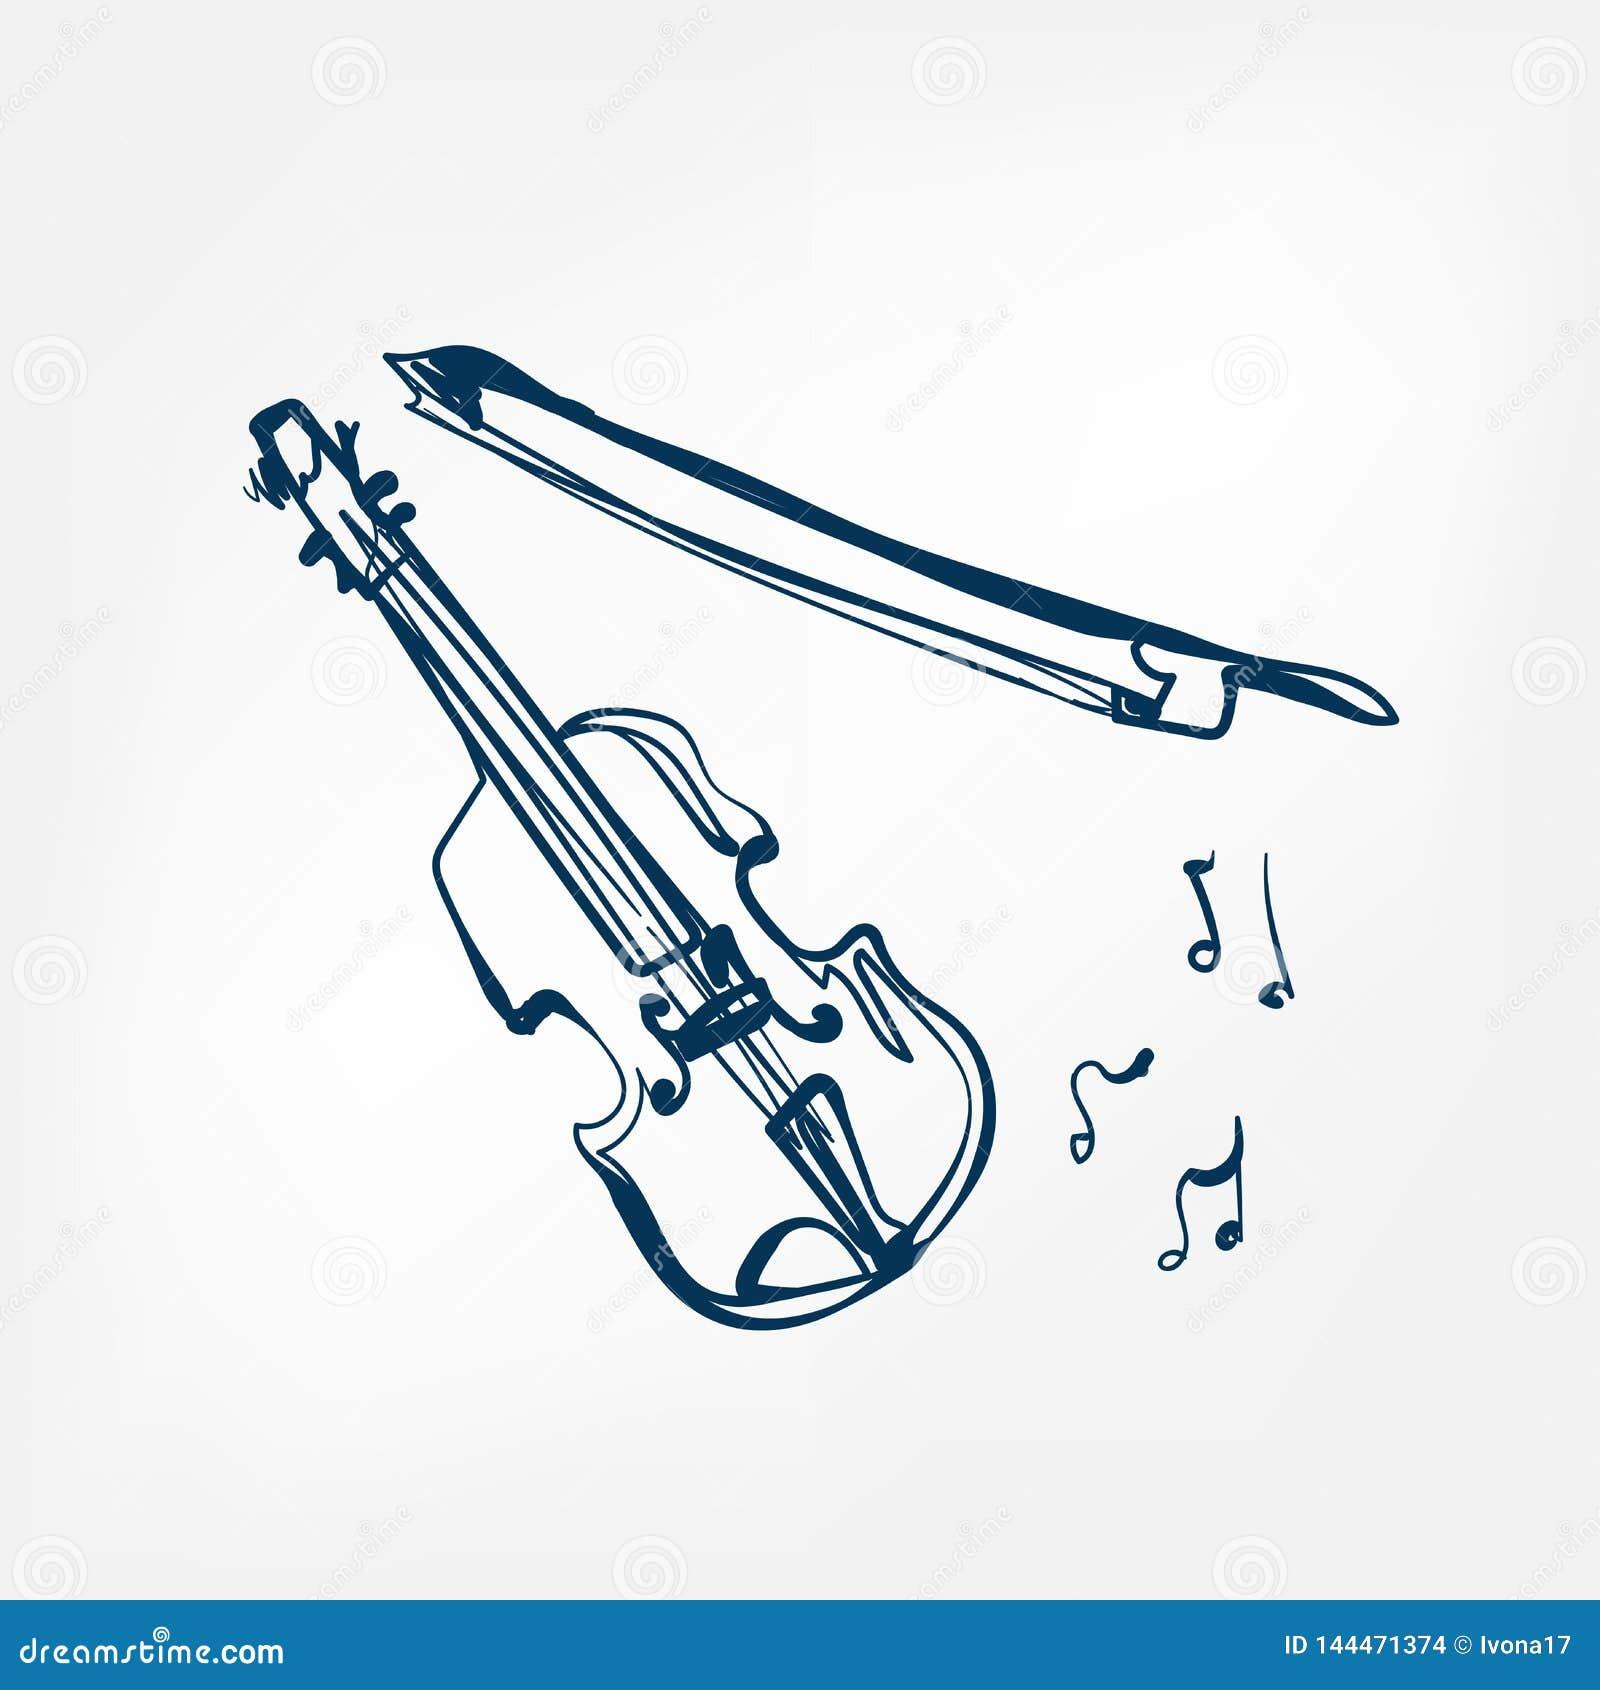 Elemento isolado ilustração do projeto do vetor do esboço do violino